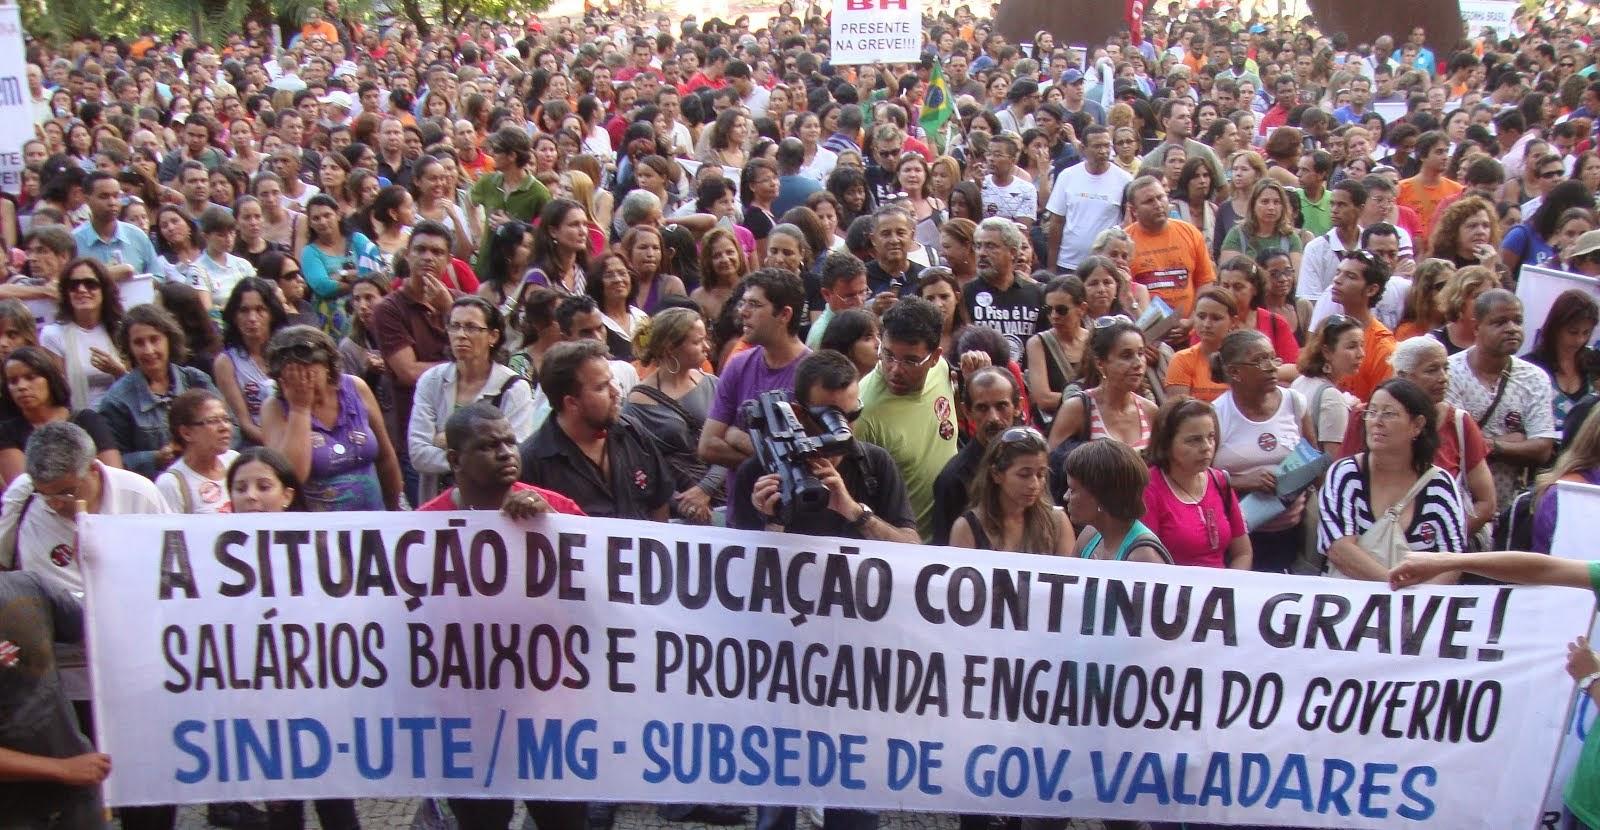 Governador Valadares presente nas greves.